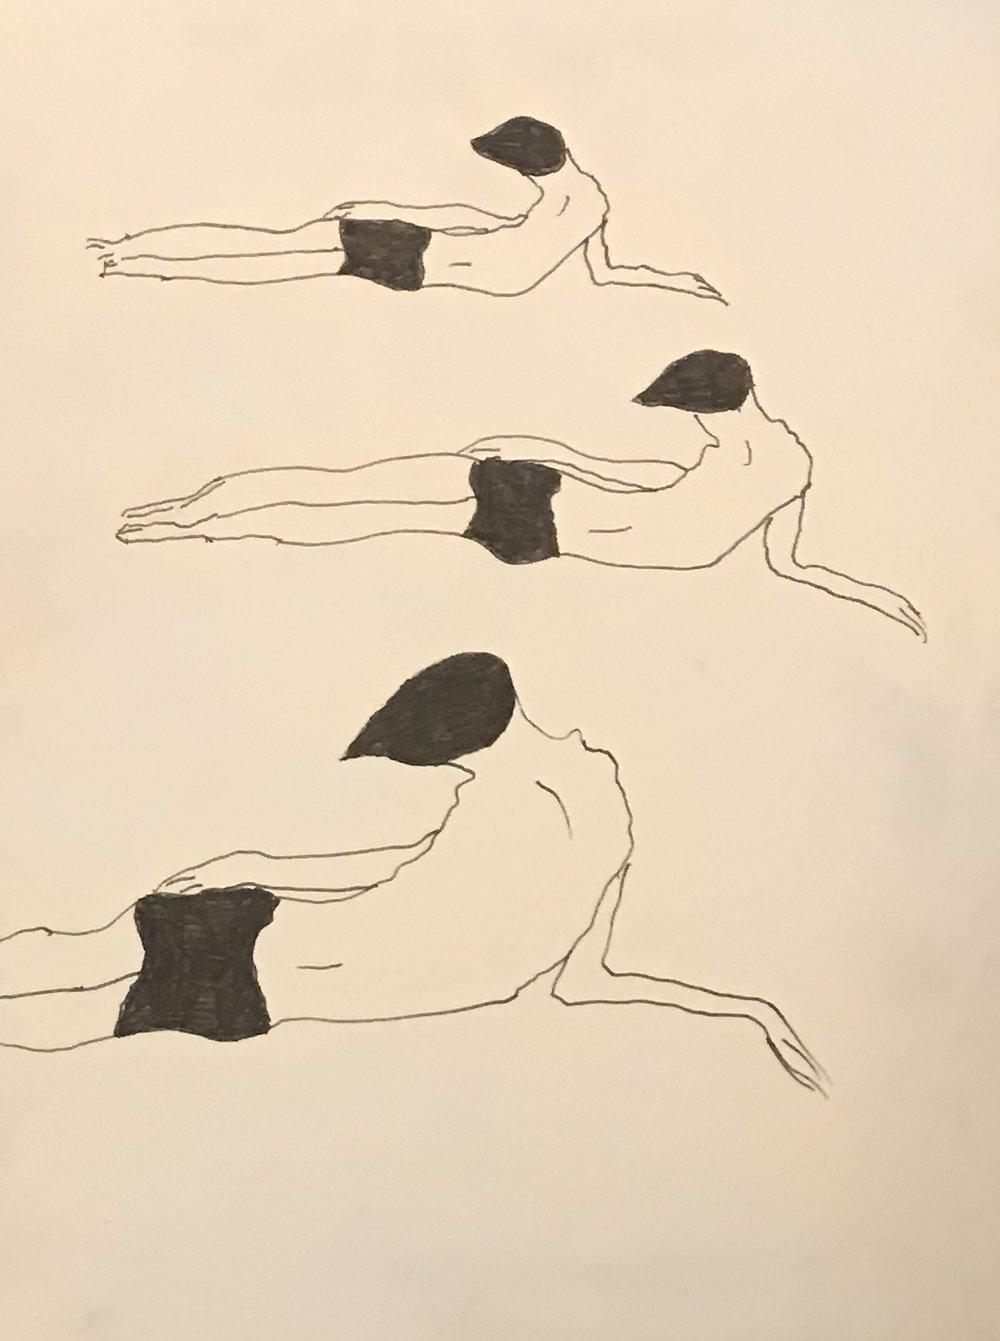 3 boys, pen&ink, 9x12, $25